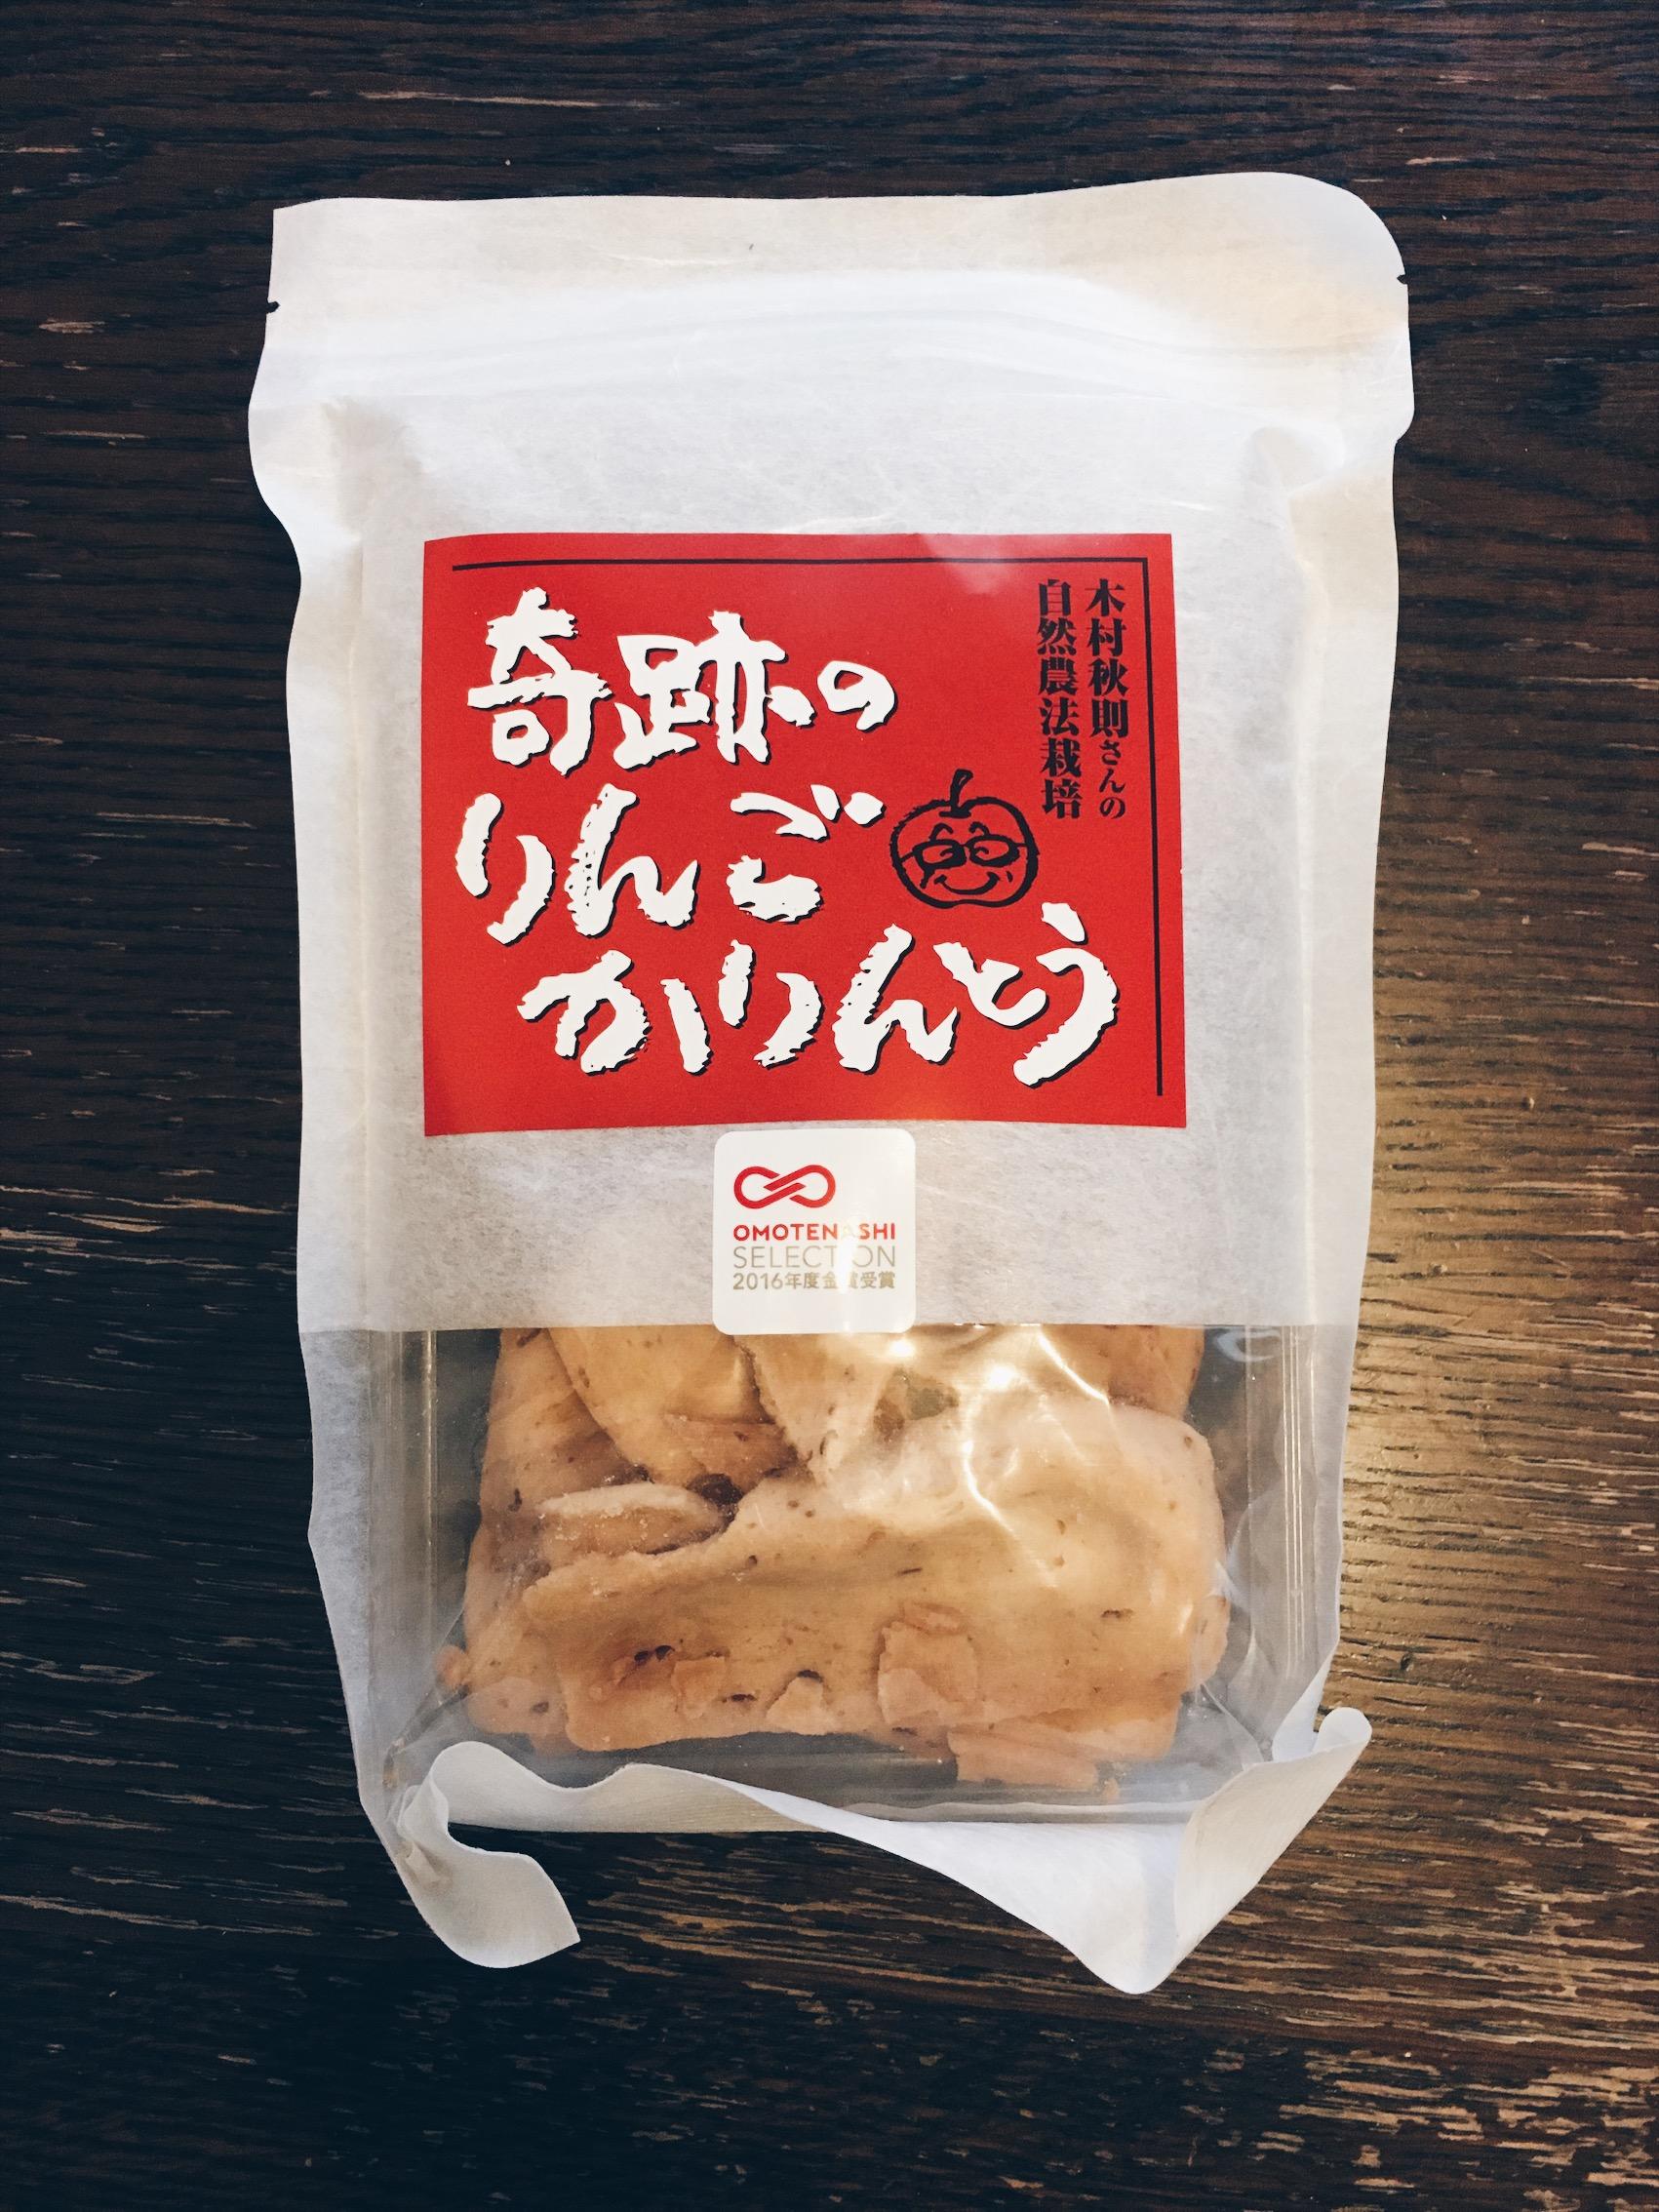 自然農法栽培 木村秋則さん奇跡のりんごのお菓子が美味しい!